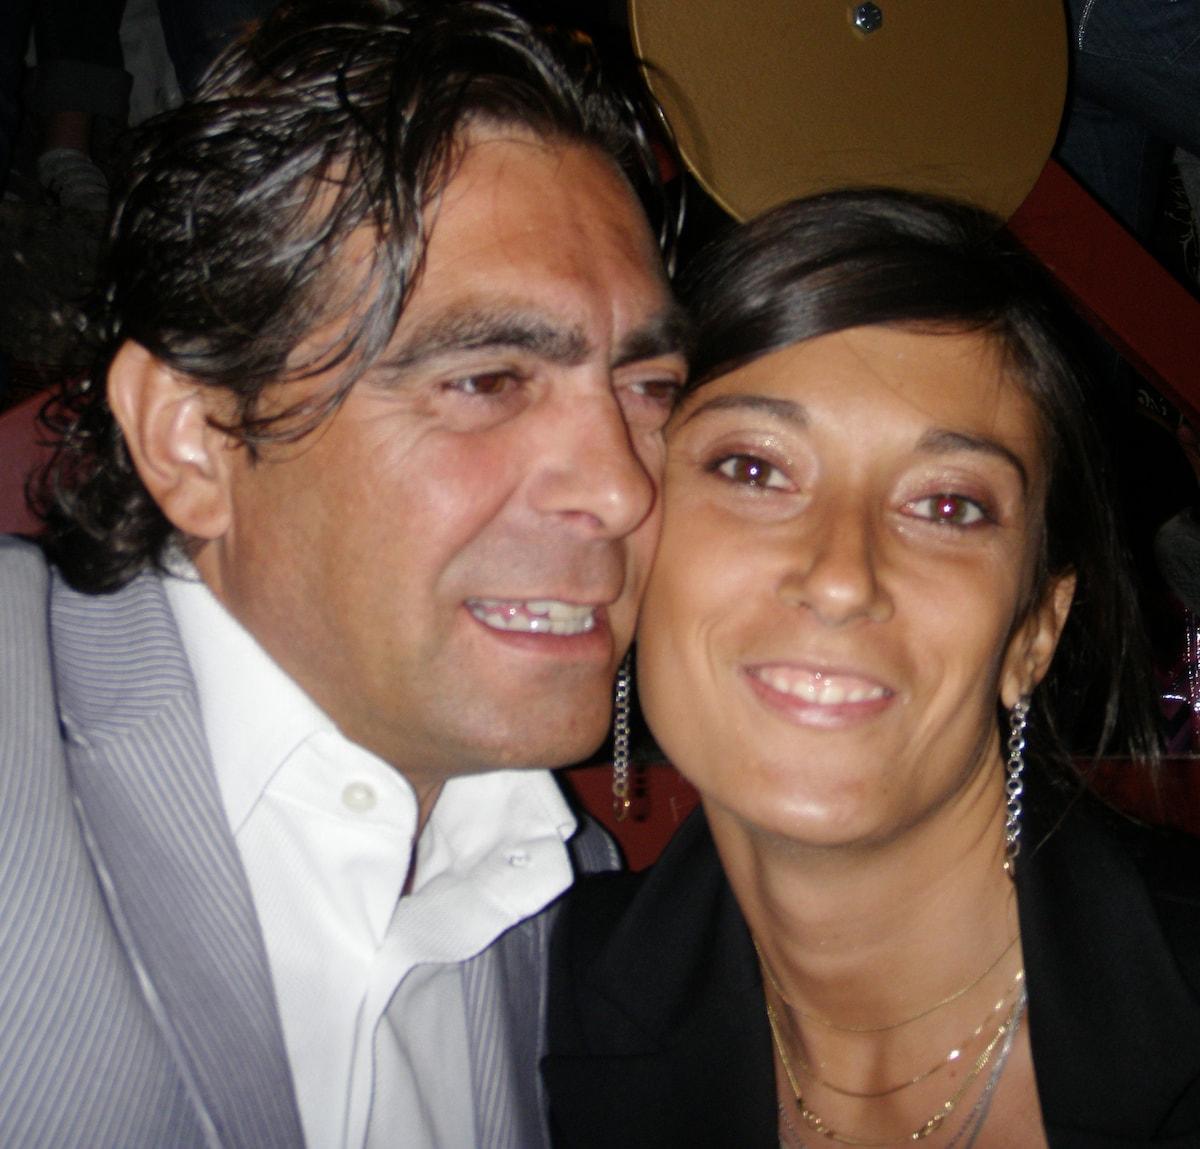 Francesca From Verona, Italy